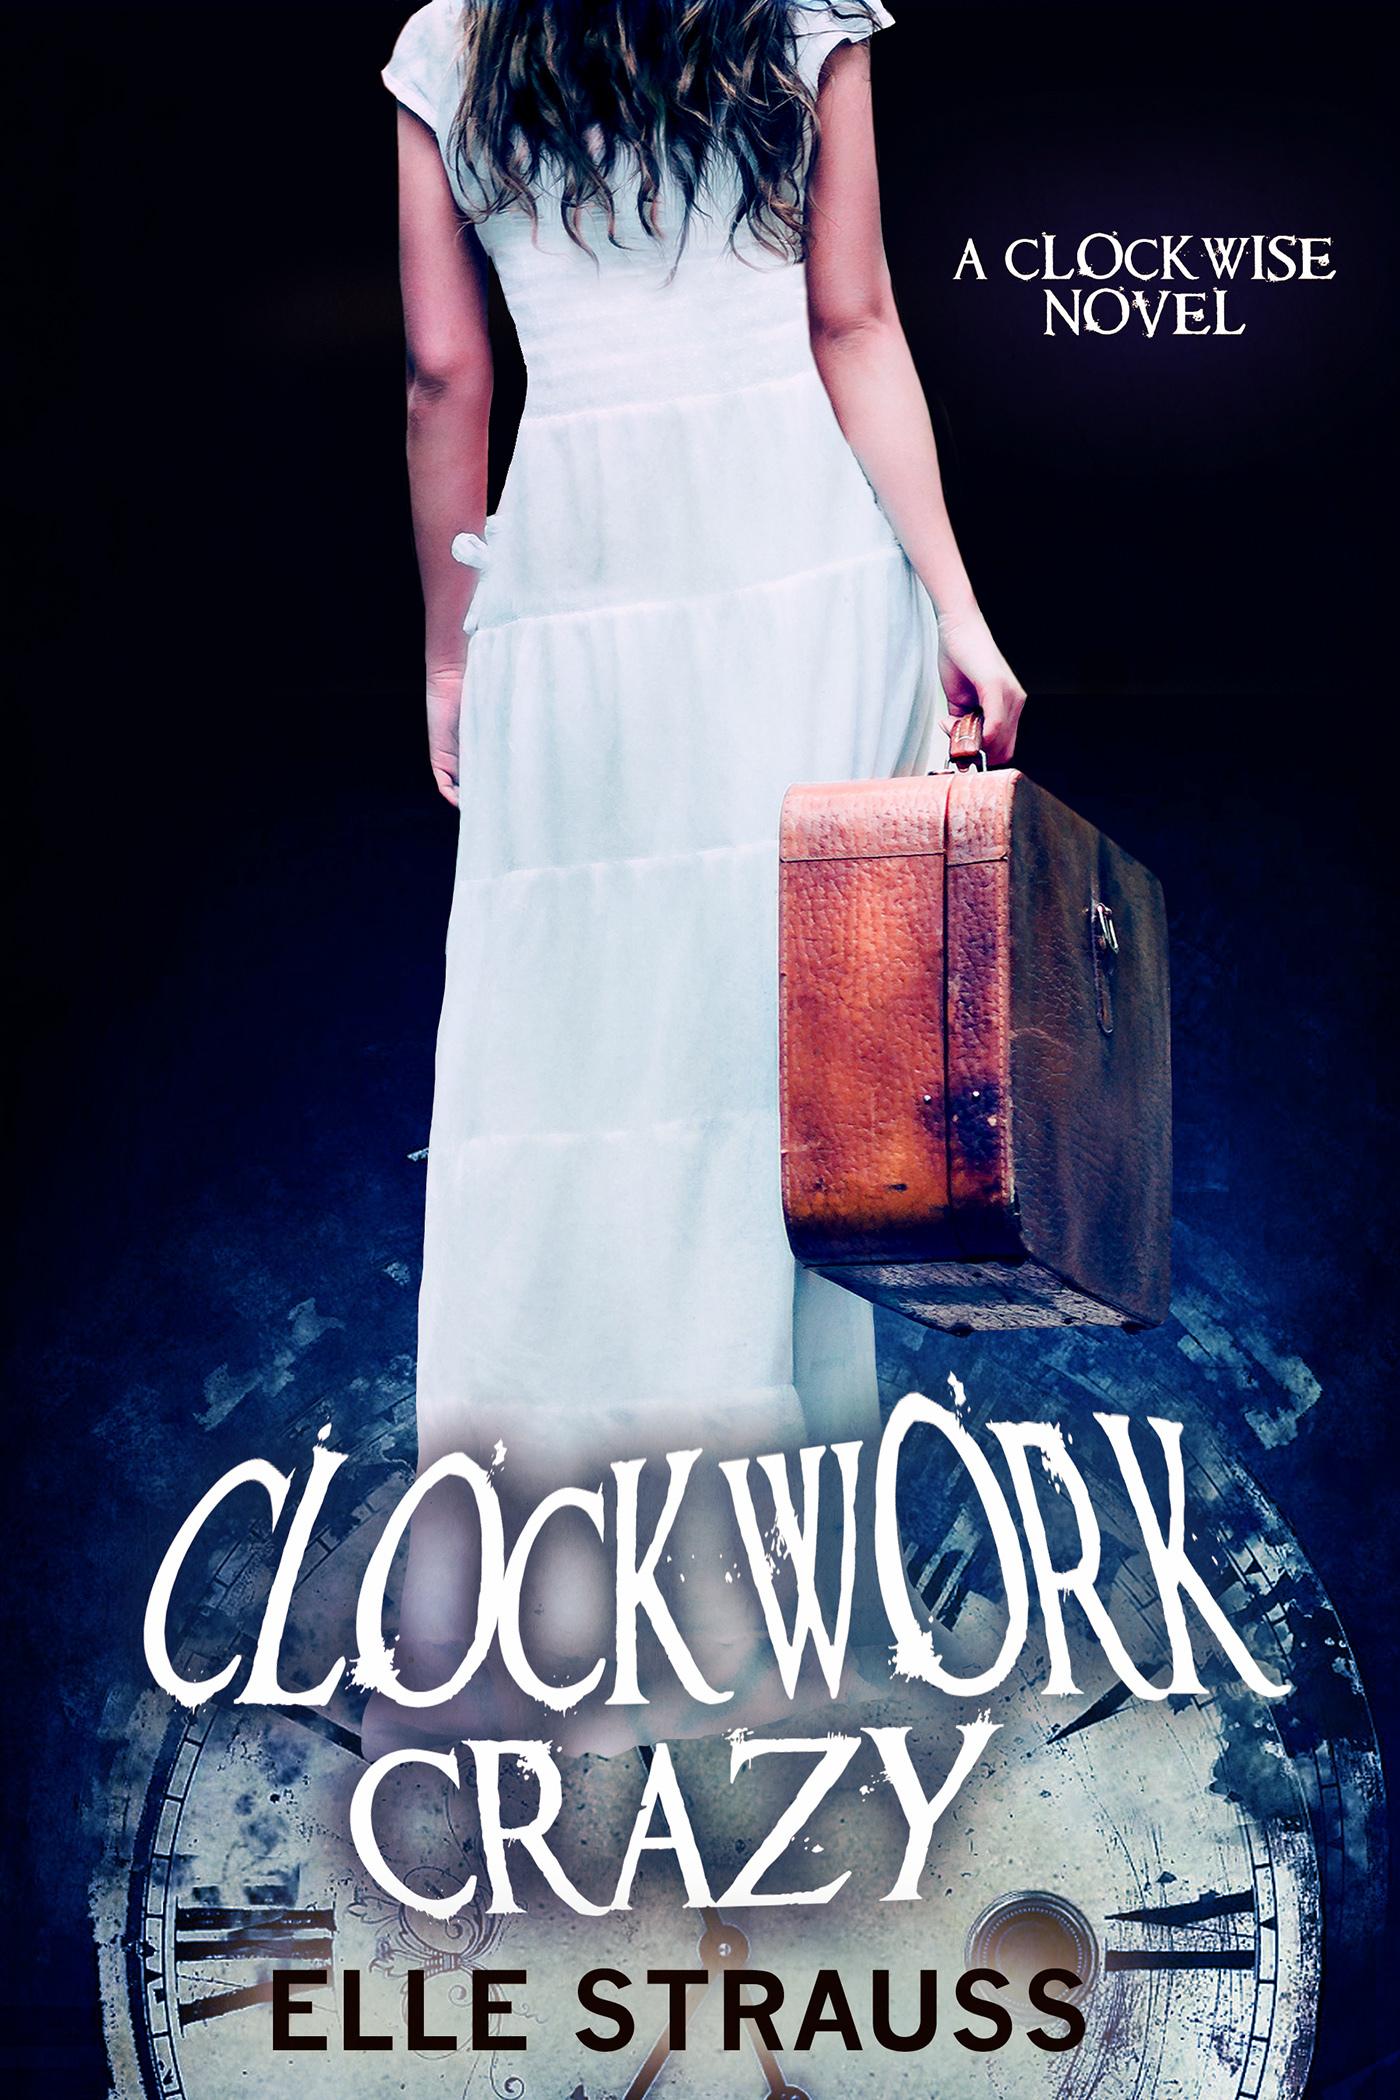 Clockwork Crazy Elle Strauss